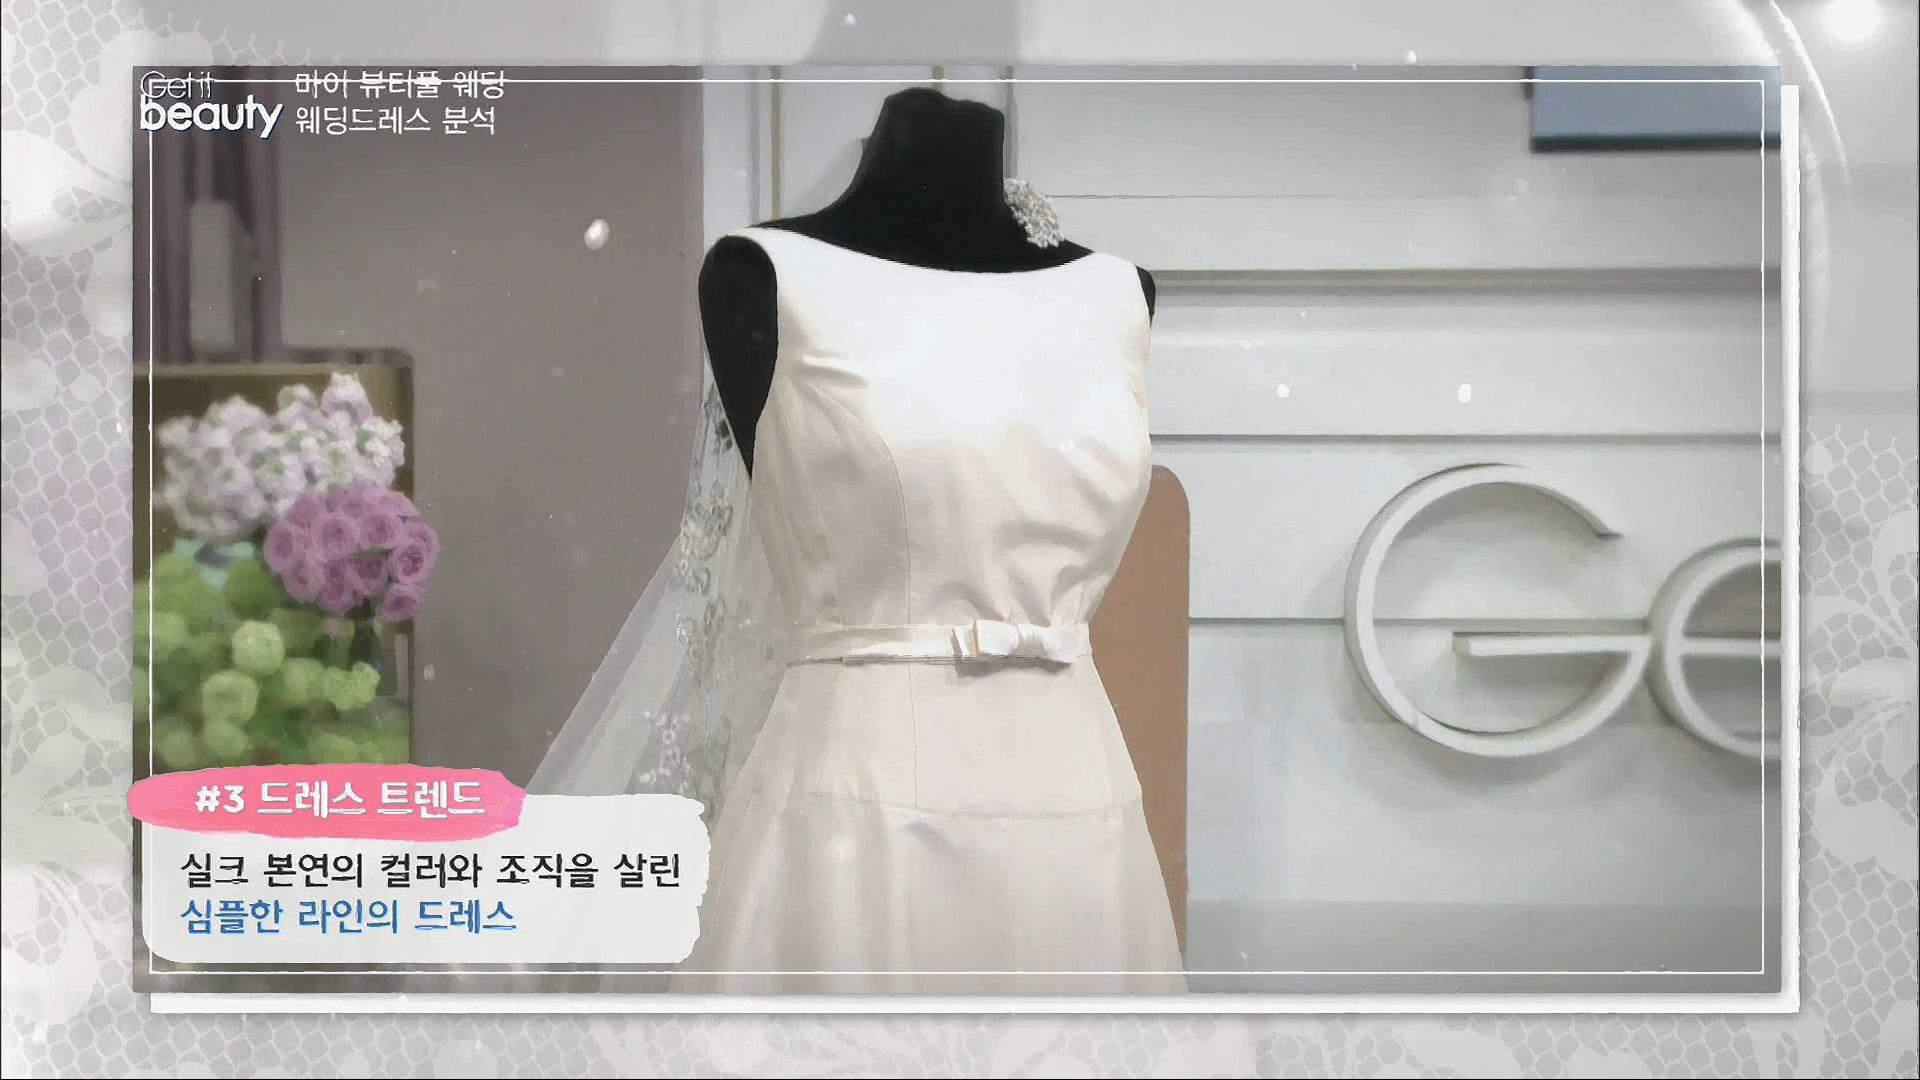 #3.드레스 트렌드  실크 본연의 컬러와 조직을 살린 심플한 라인의 드레스